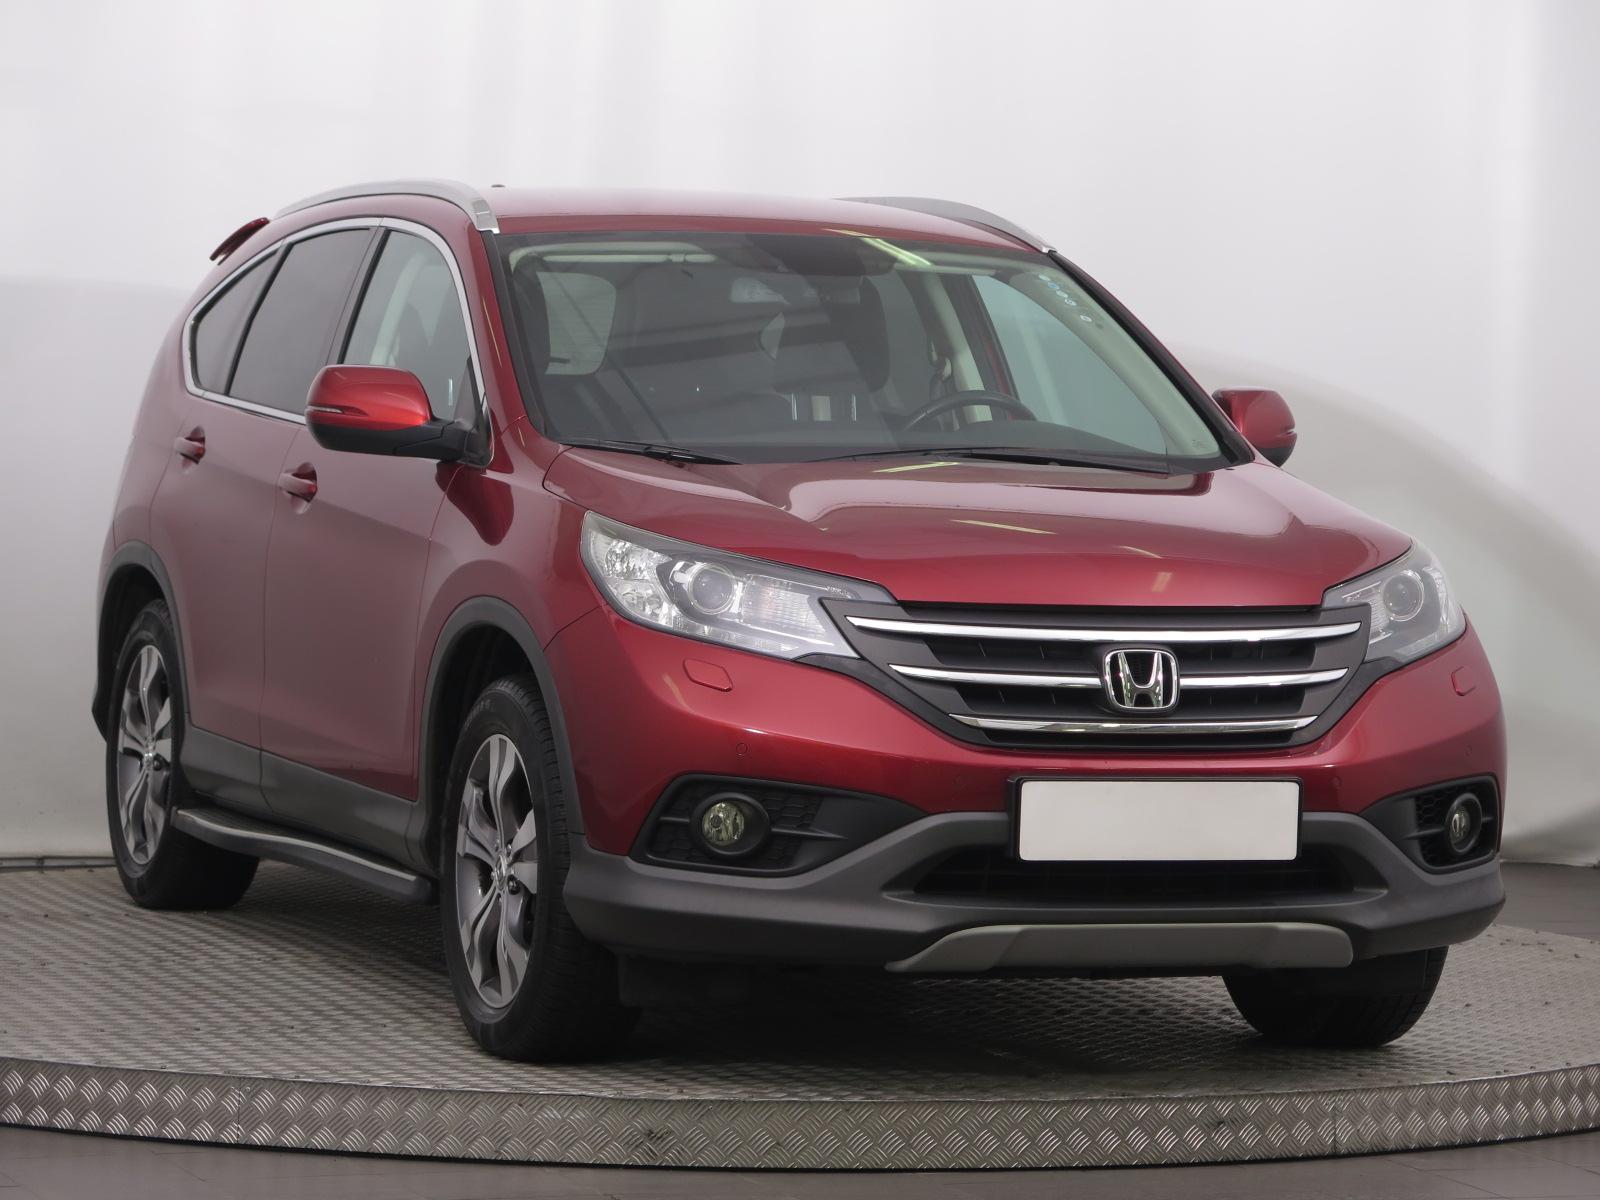 Honda CR-V 2.2 i-DTEC